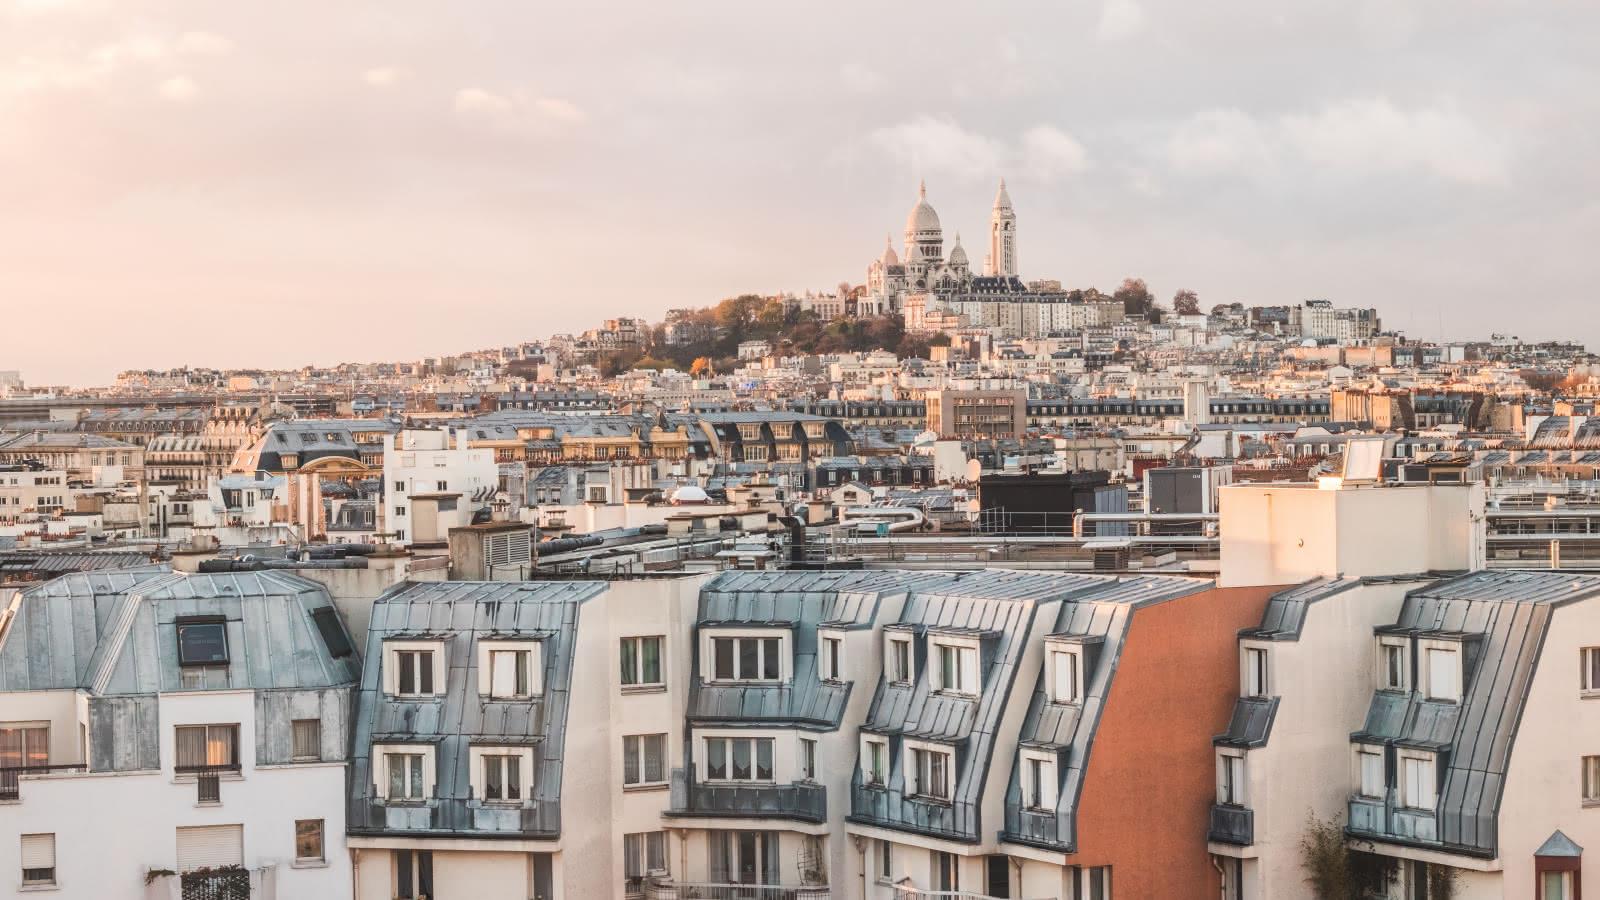 Montmartre District & Sacré-Coeur